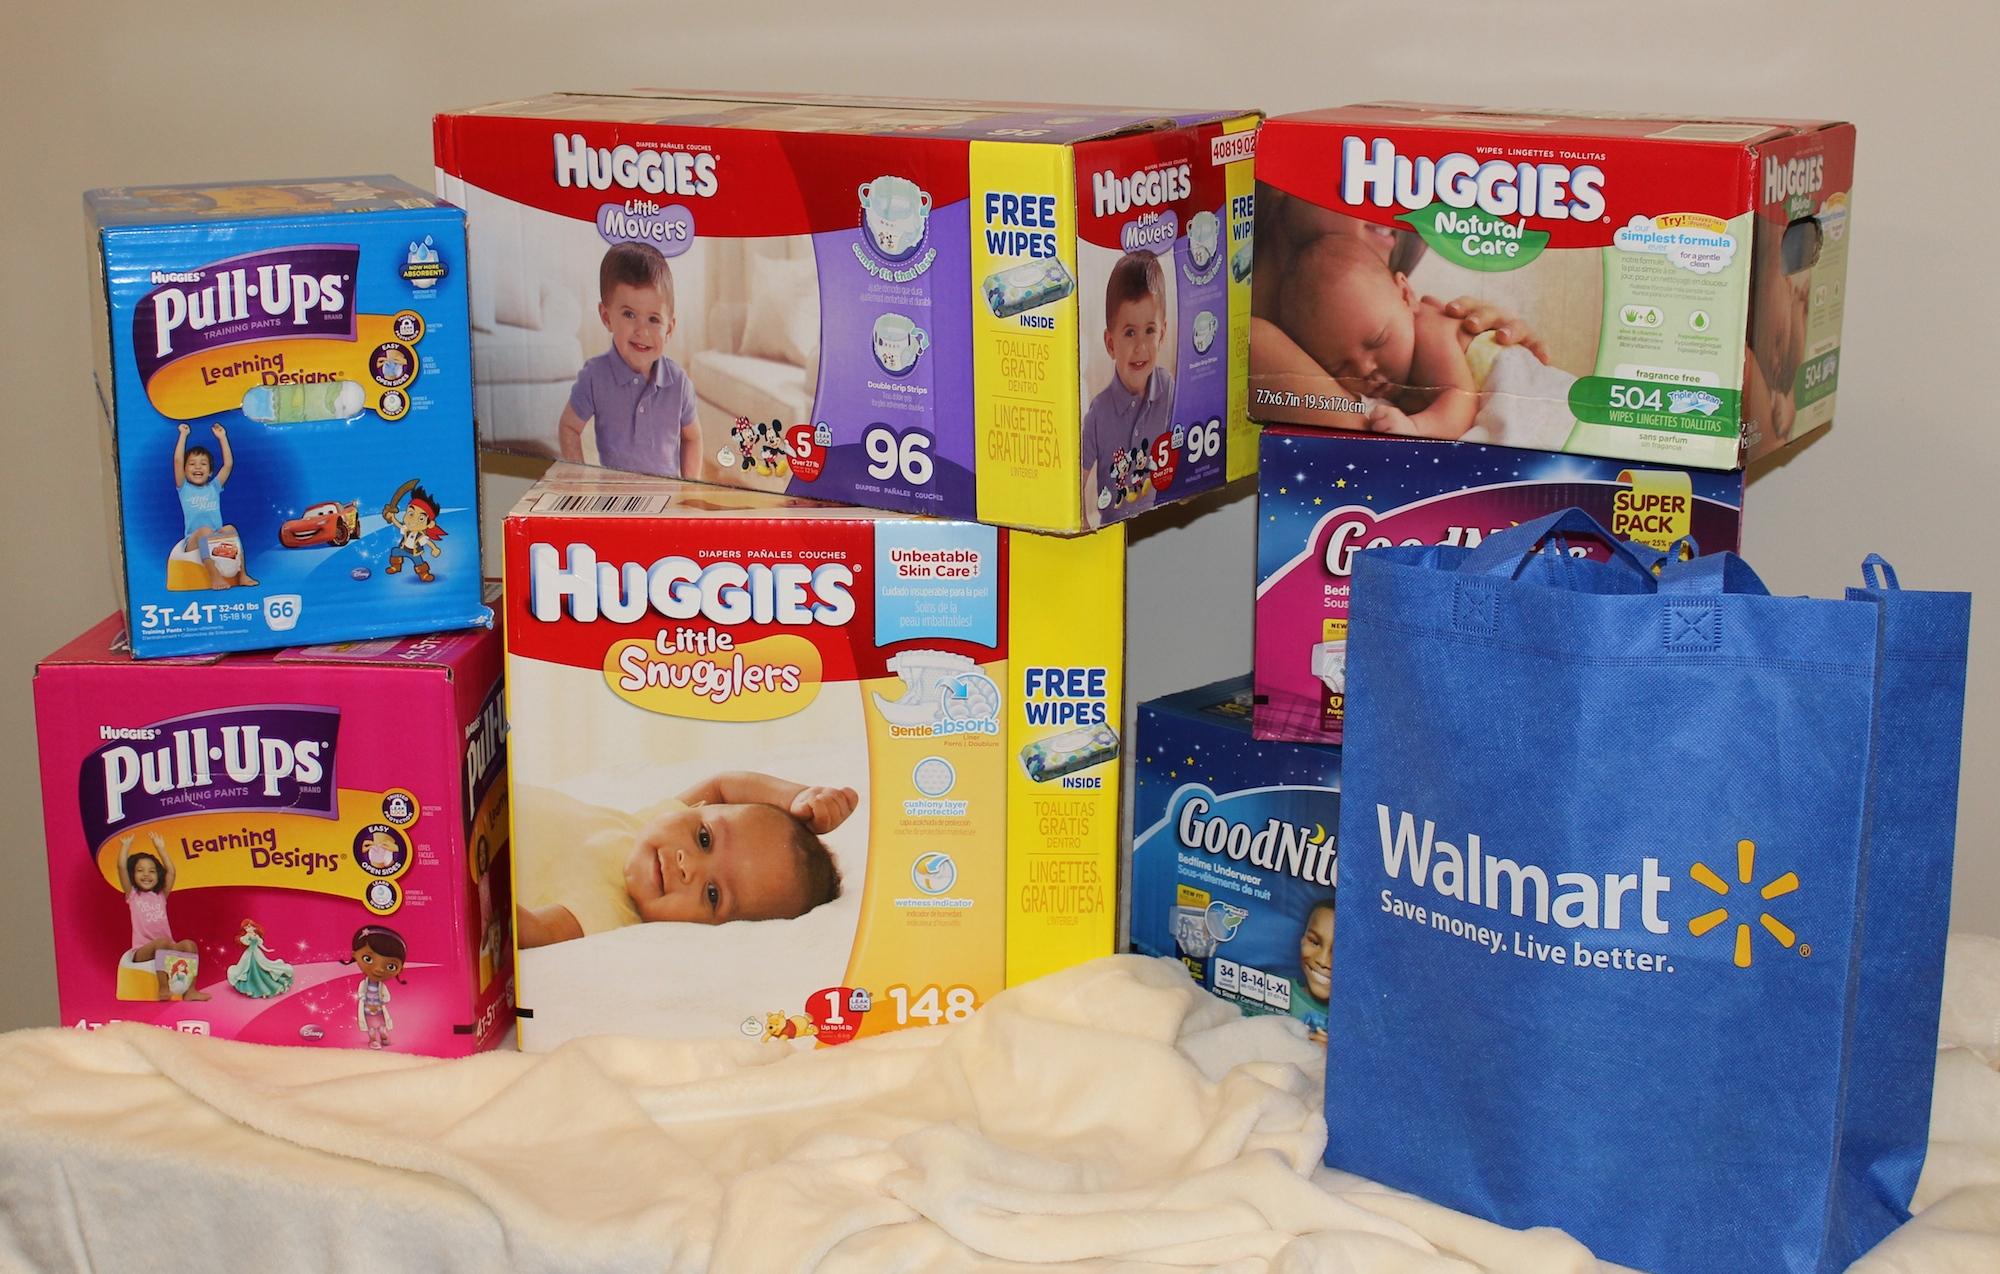 Free Digital Printable Diaper Coupons At Walmart - Free Printable Coupons For Huggies Pull Ups